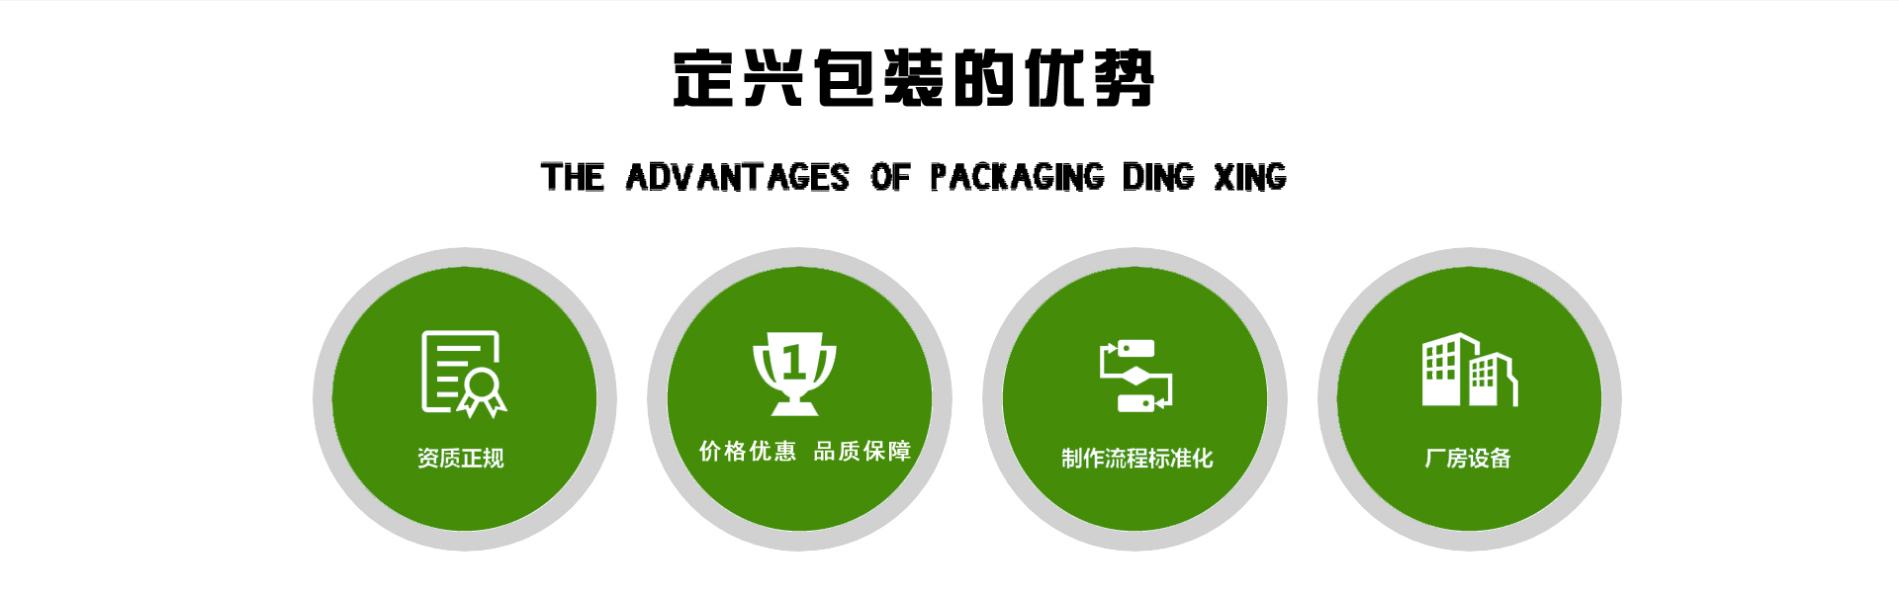 甘肃定兴包装有限公司(www.gszhixiang.com)是一家集设计与生产甘肃兰州纸箱厂,兰州纸箱包装,兰州包装盒设计,兰州精品礼盒的厂家。业务咨询:13919115884。